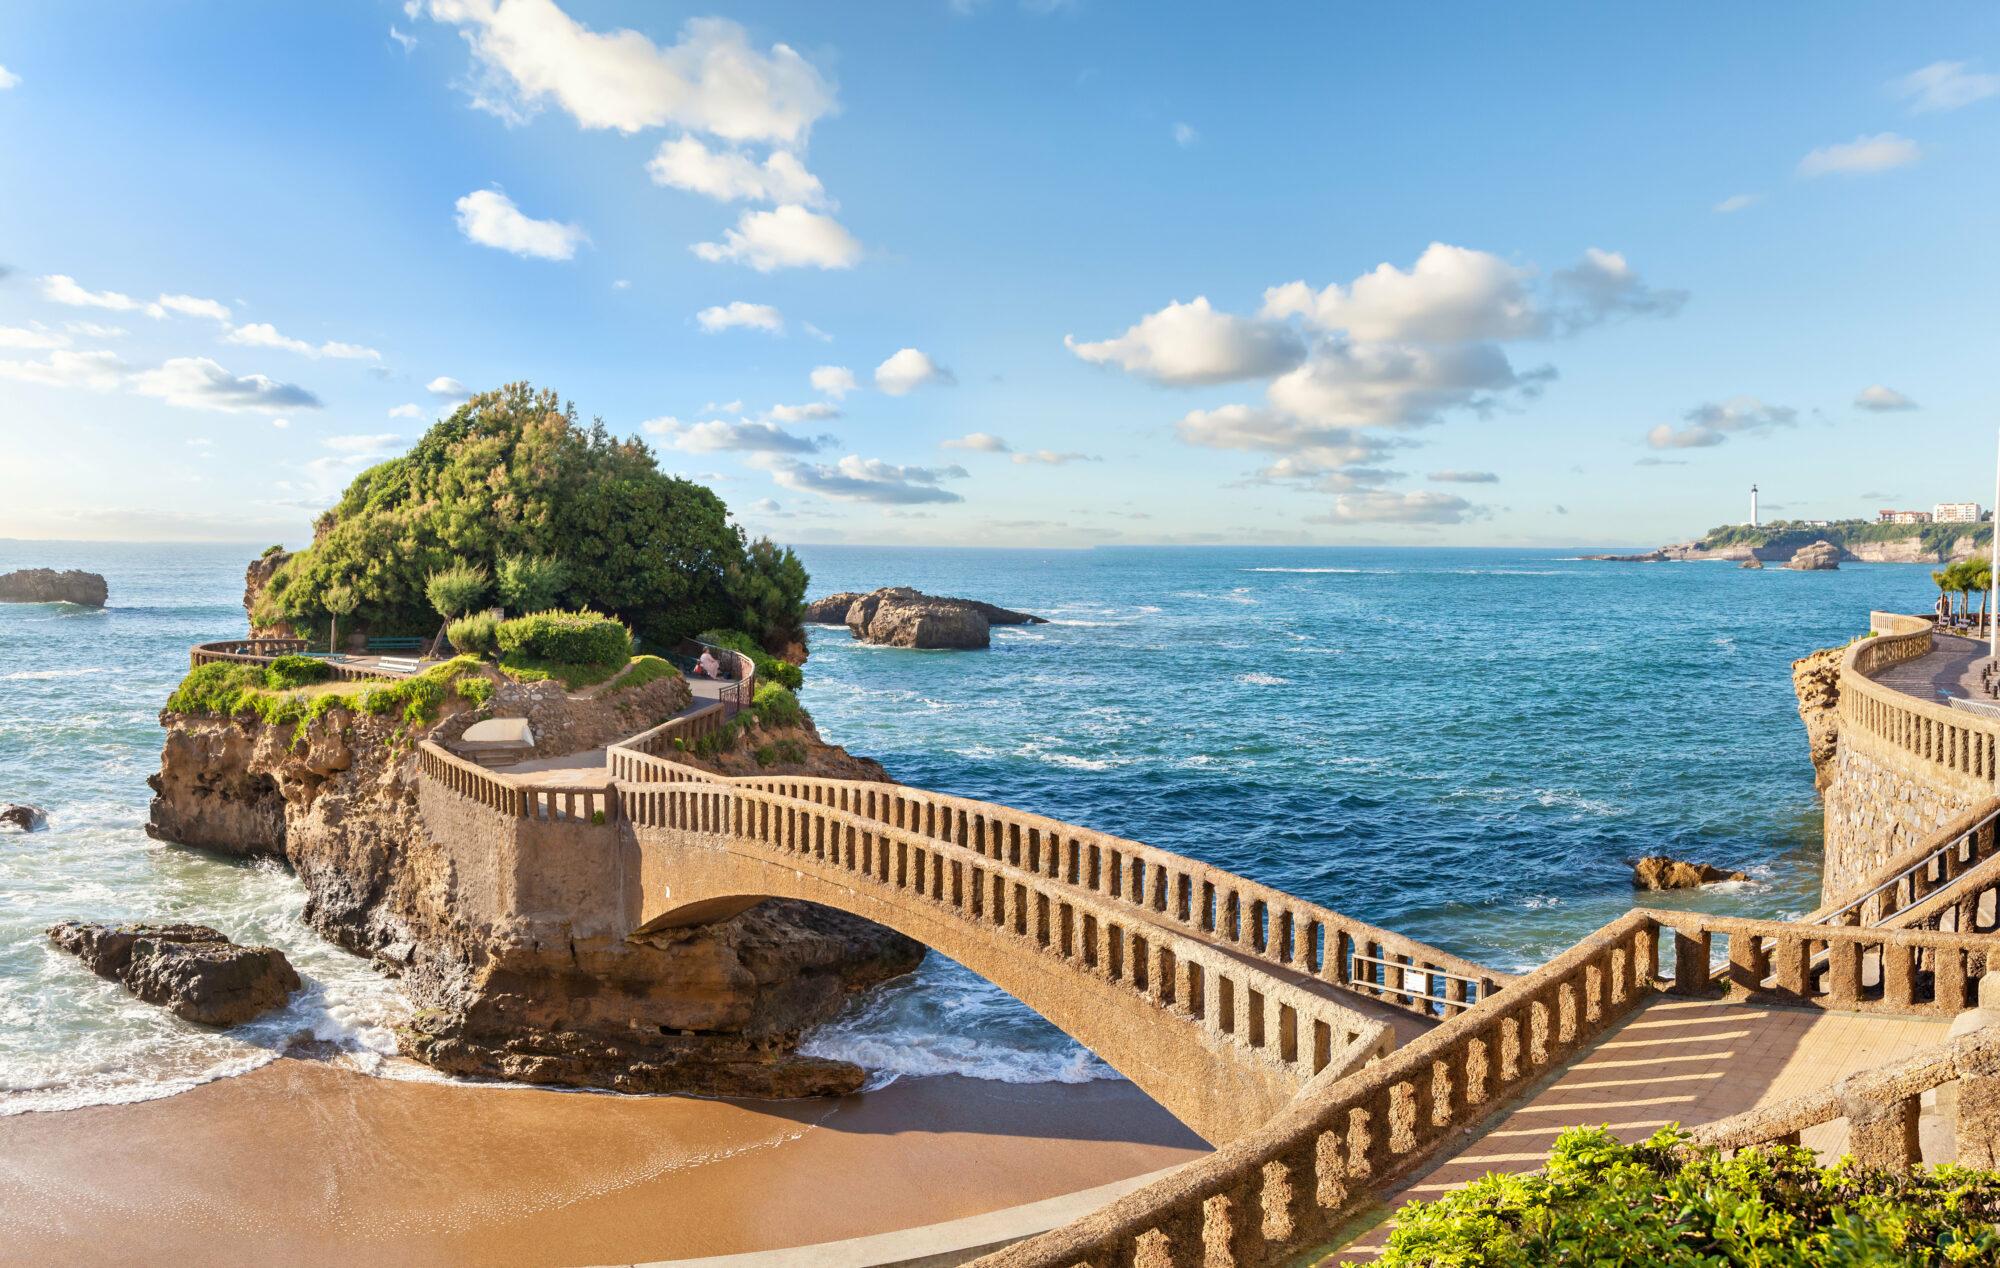 Bridge to the island in Biarritz